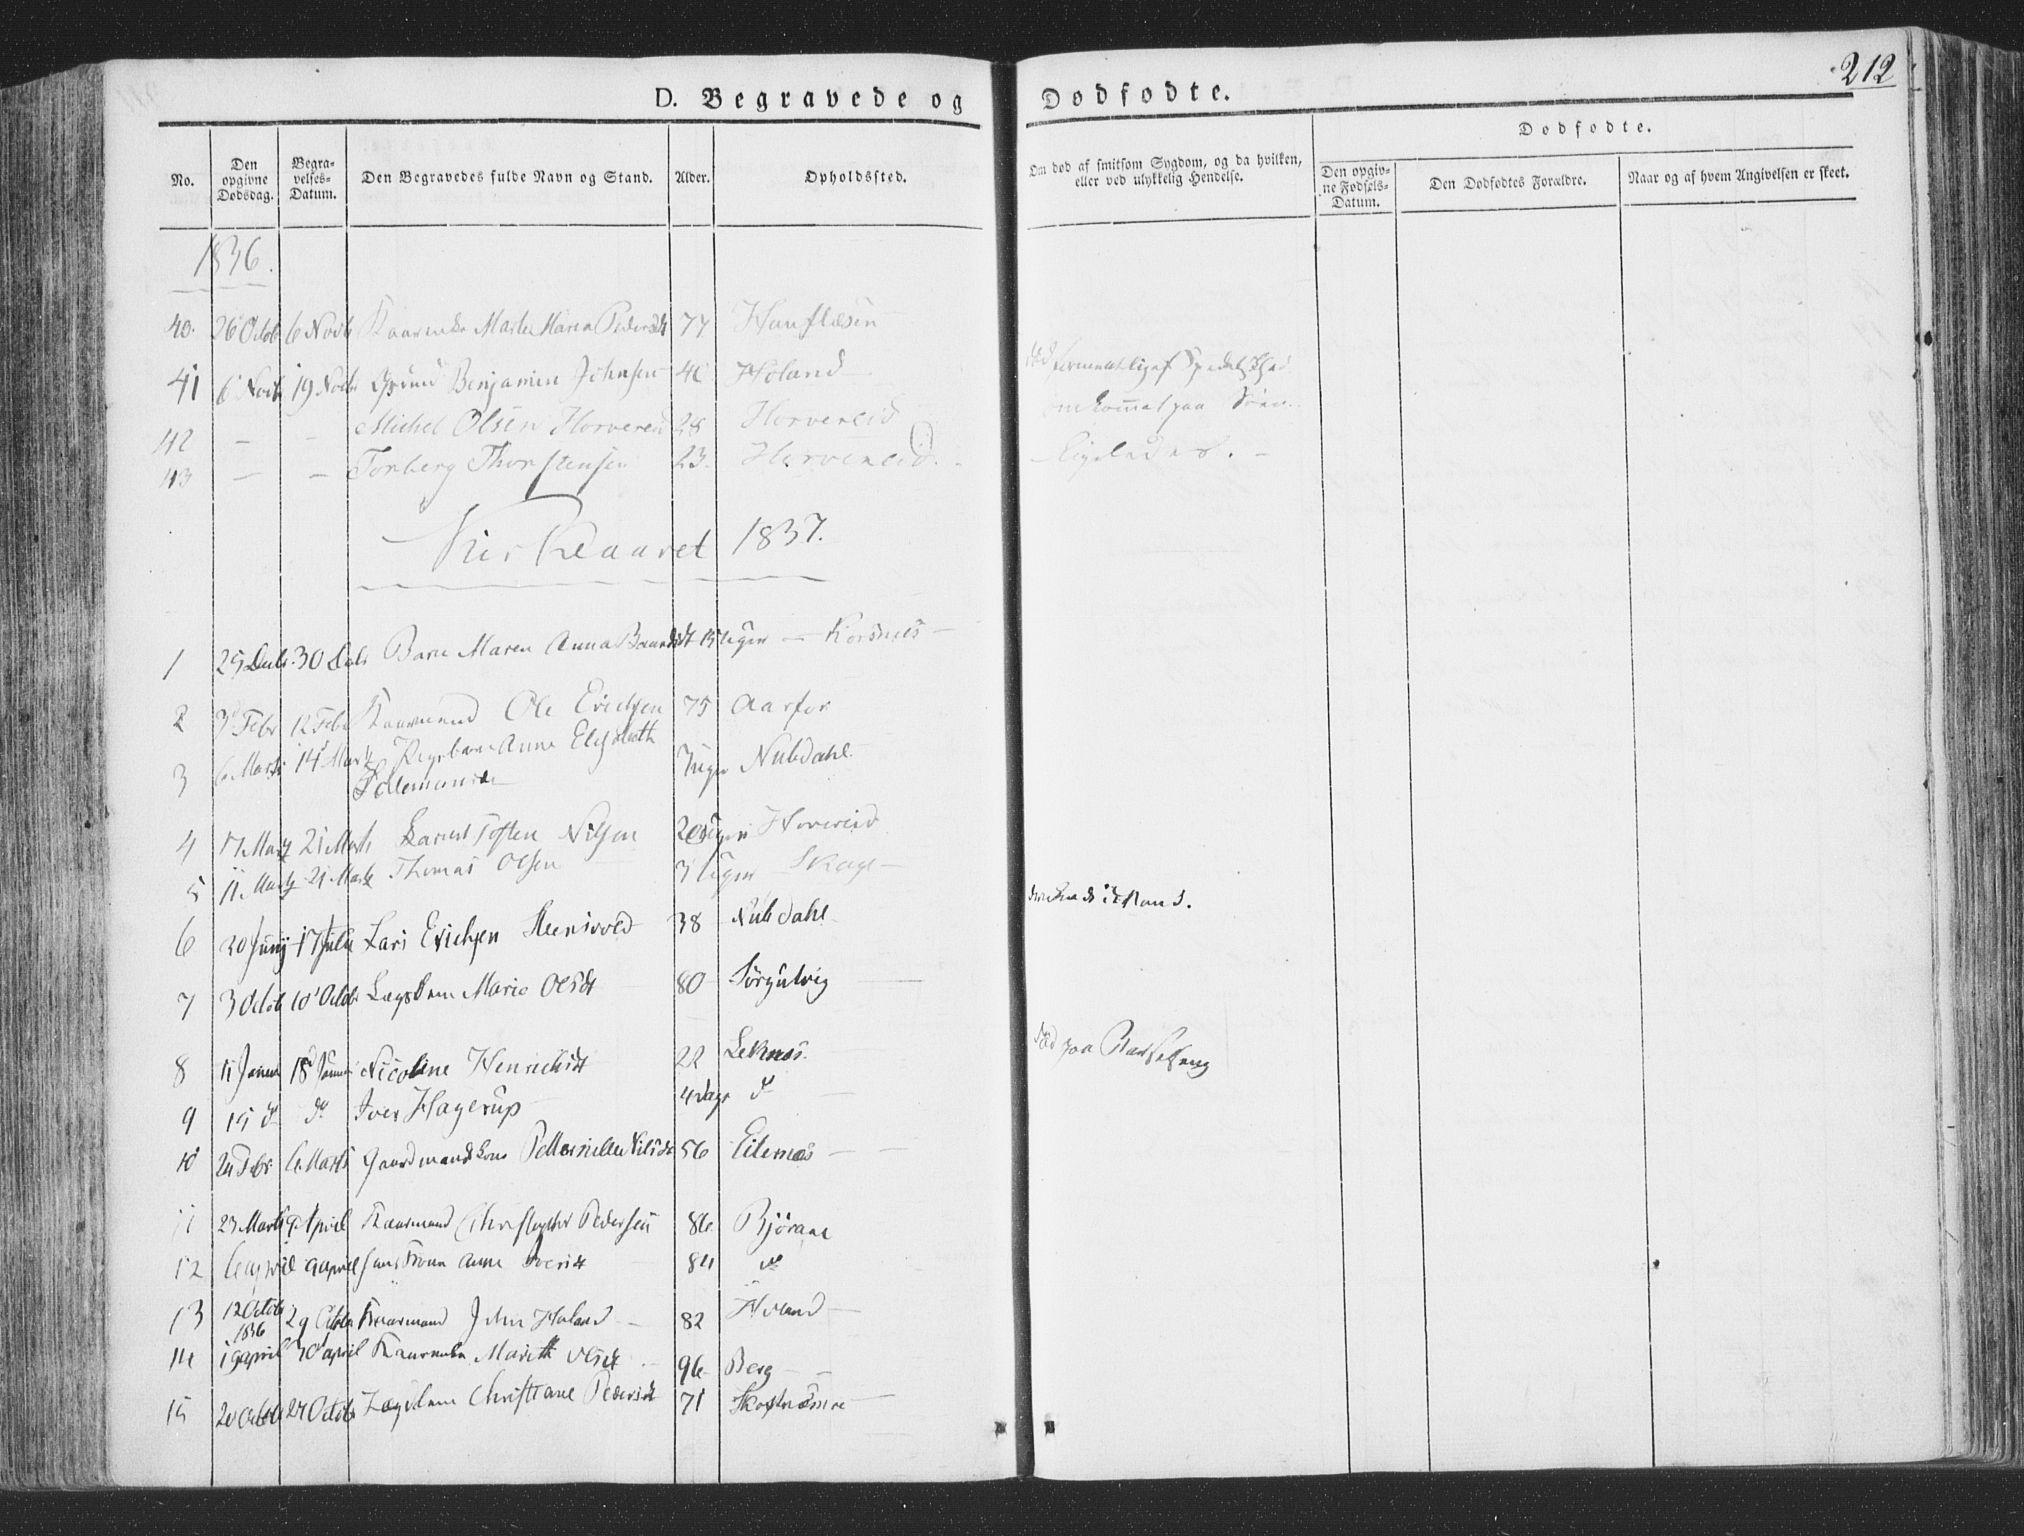 SAT, Ministerialprotokoller, klokkerbøker og fødselsregistre - Nord-Trøndelag, 780/L0639: Ministerialbok nr. 780A04, 1830-1844, s. 212